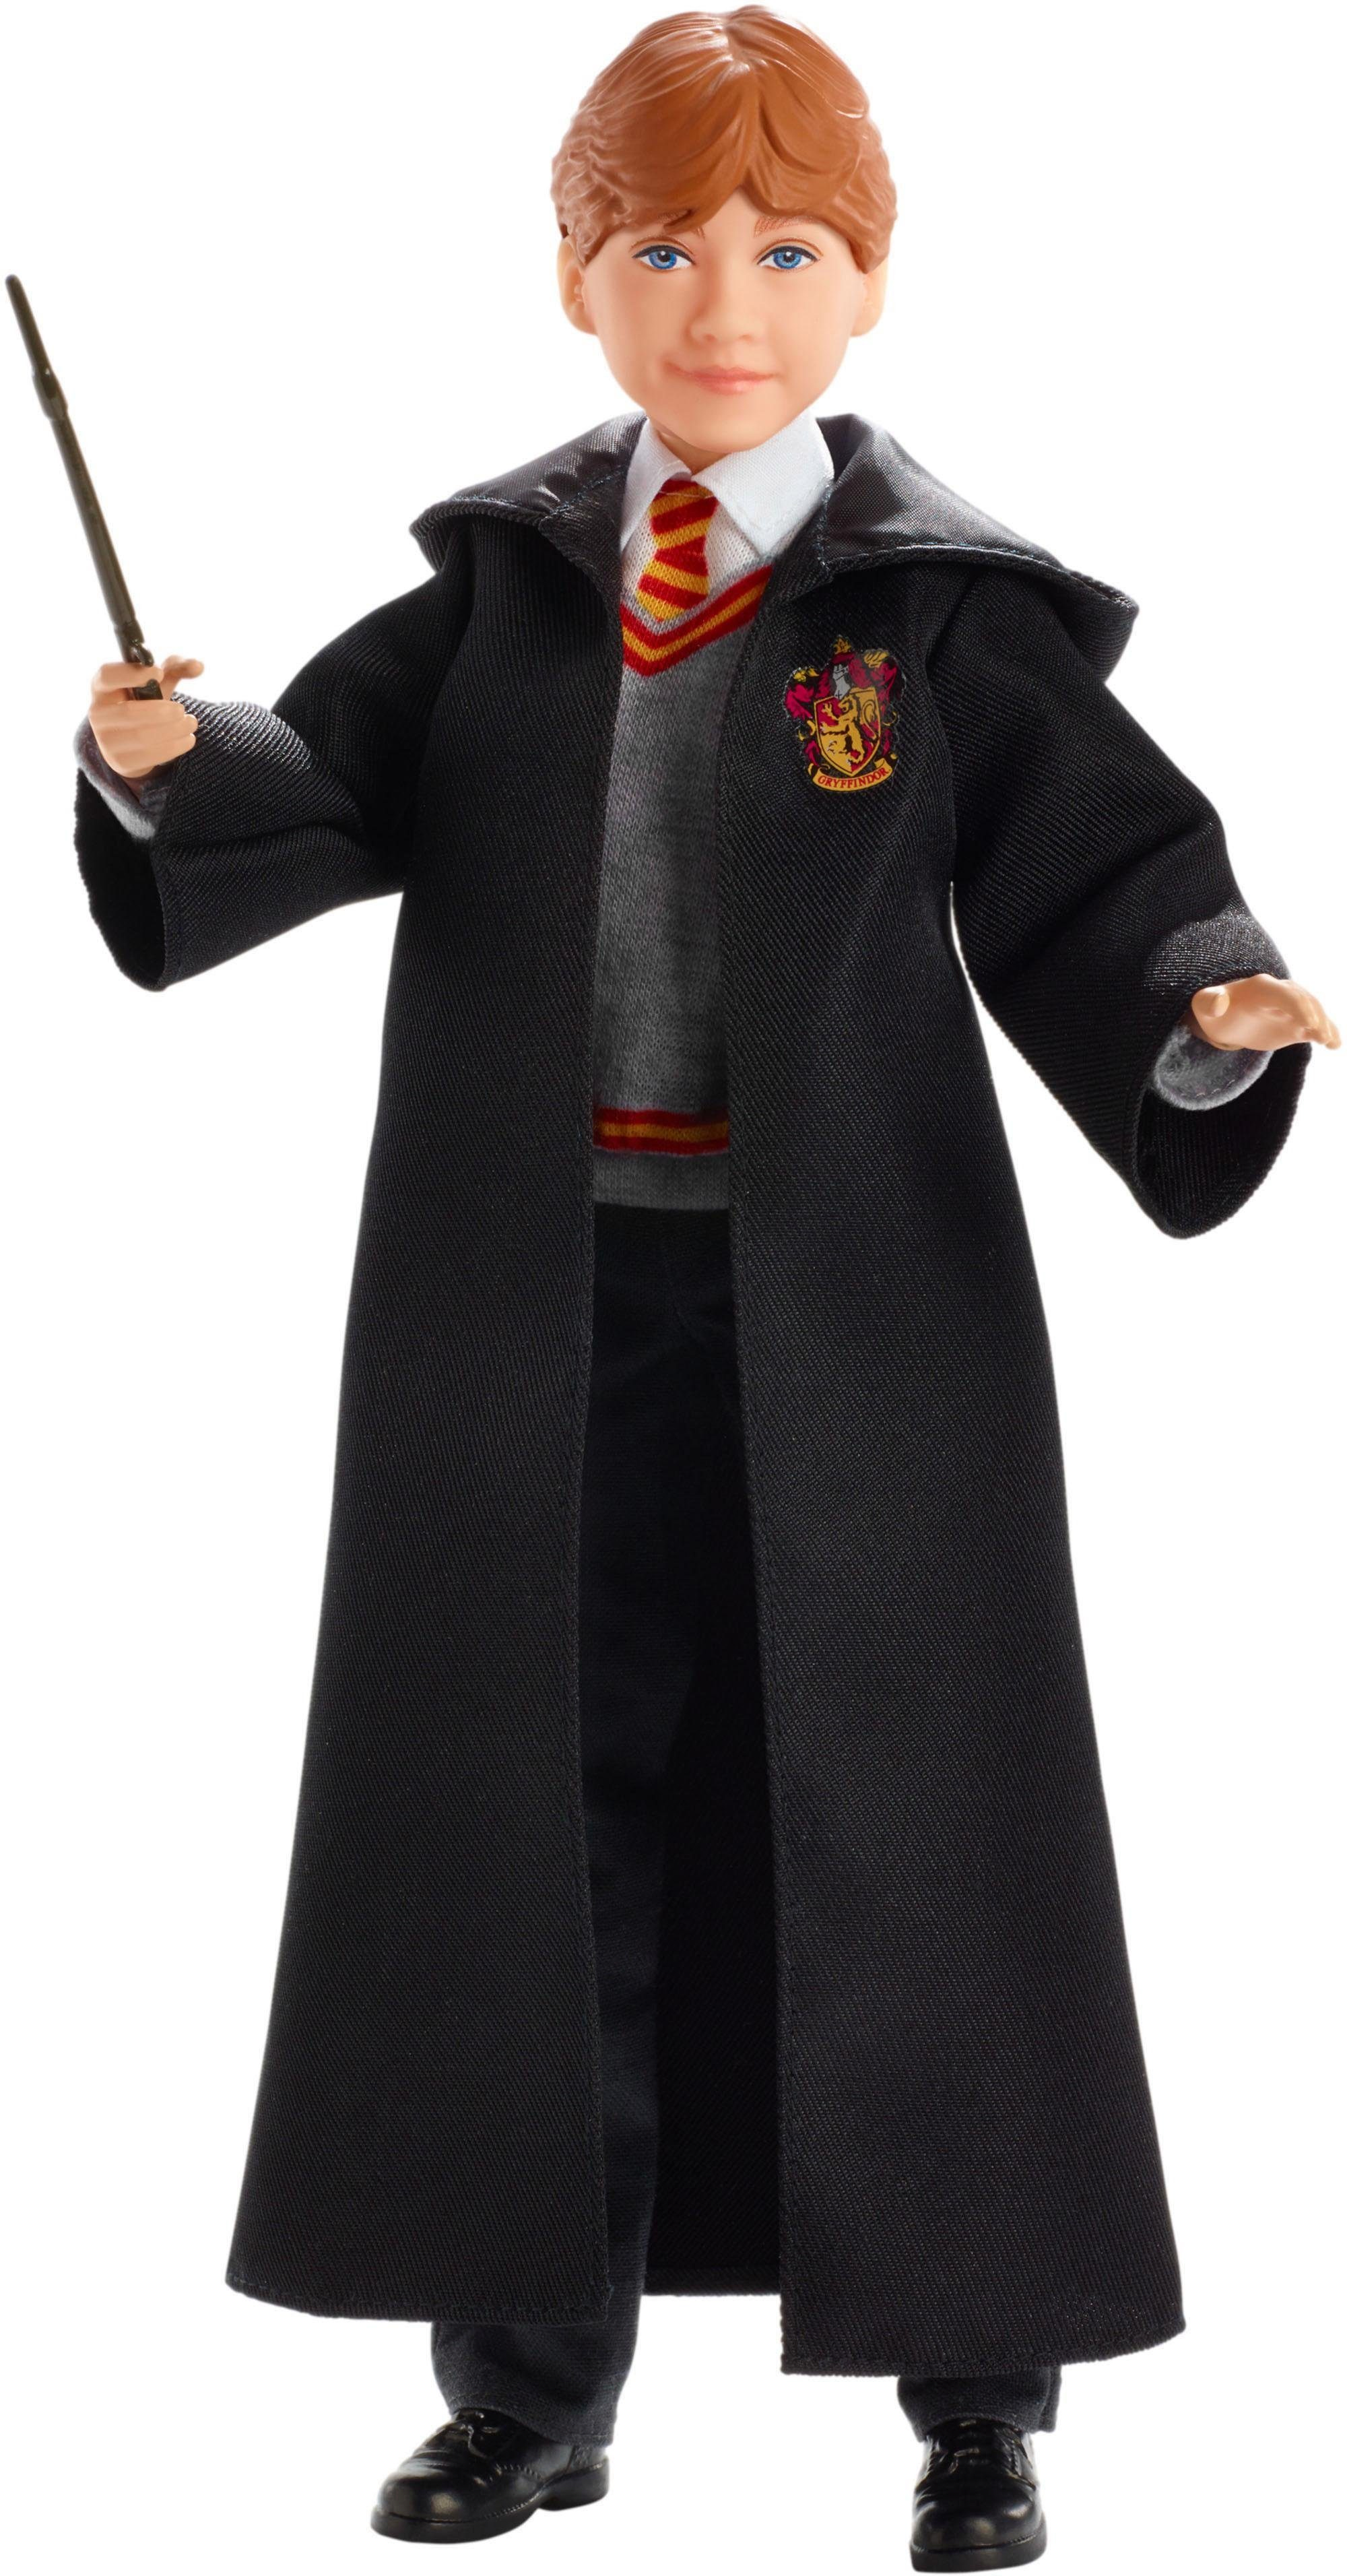 Mattel Puppe, »Harry Potter und Die Kammer des Schreckens - Ron Weasley«